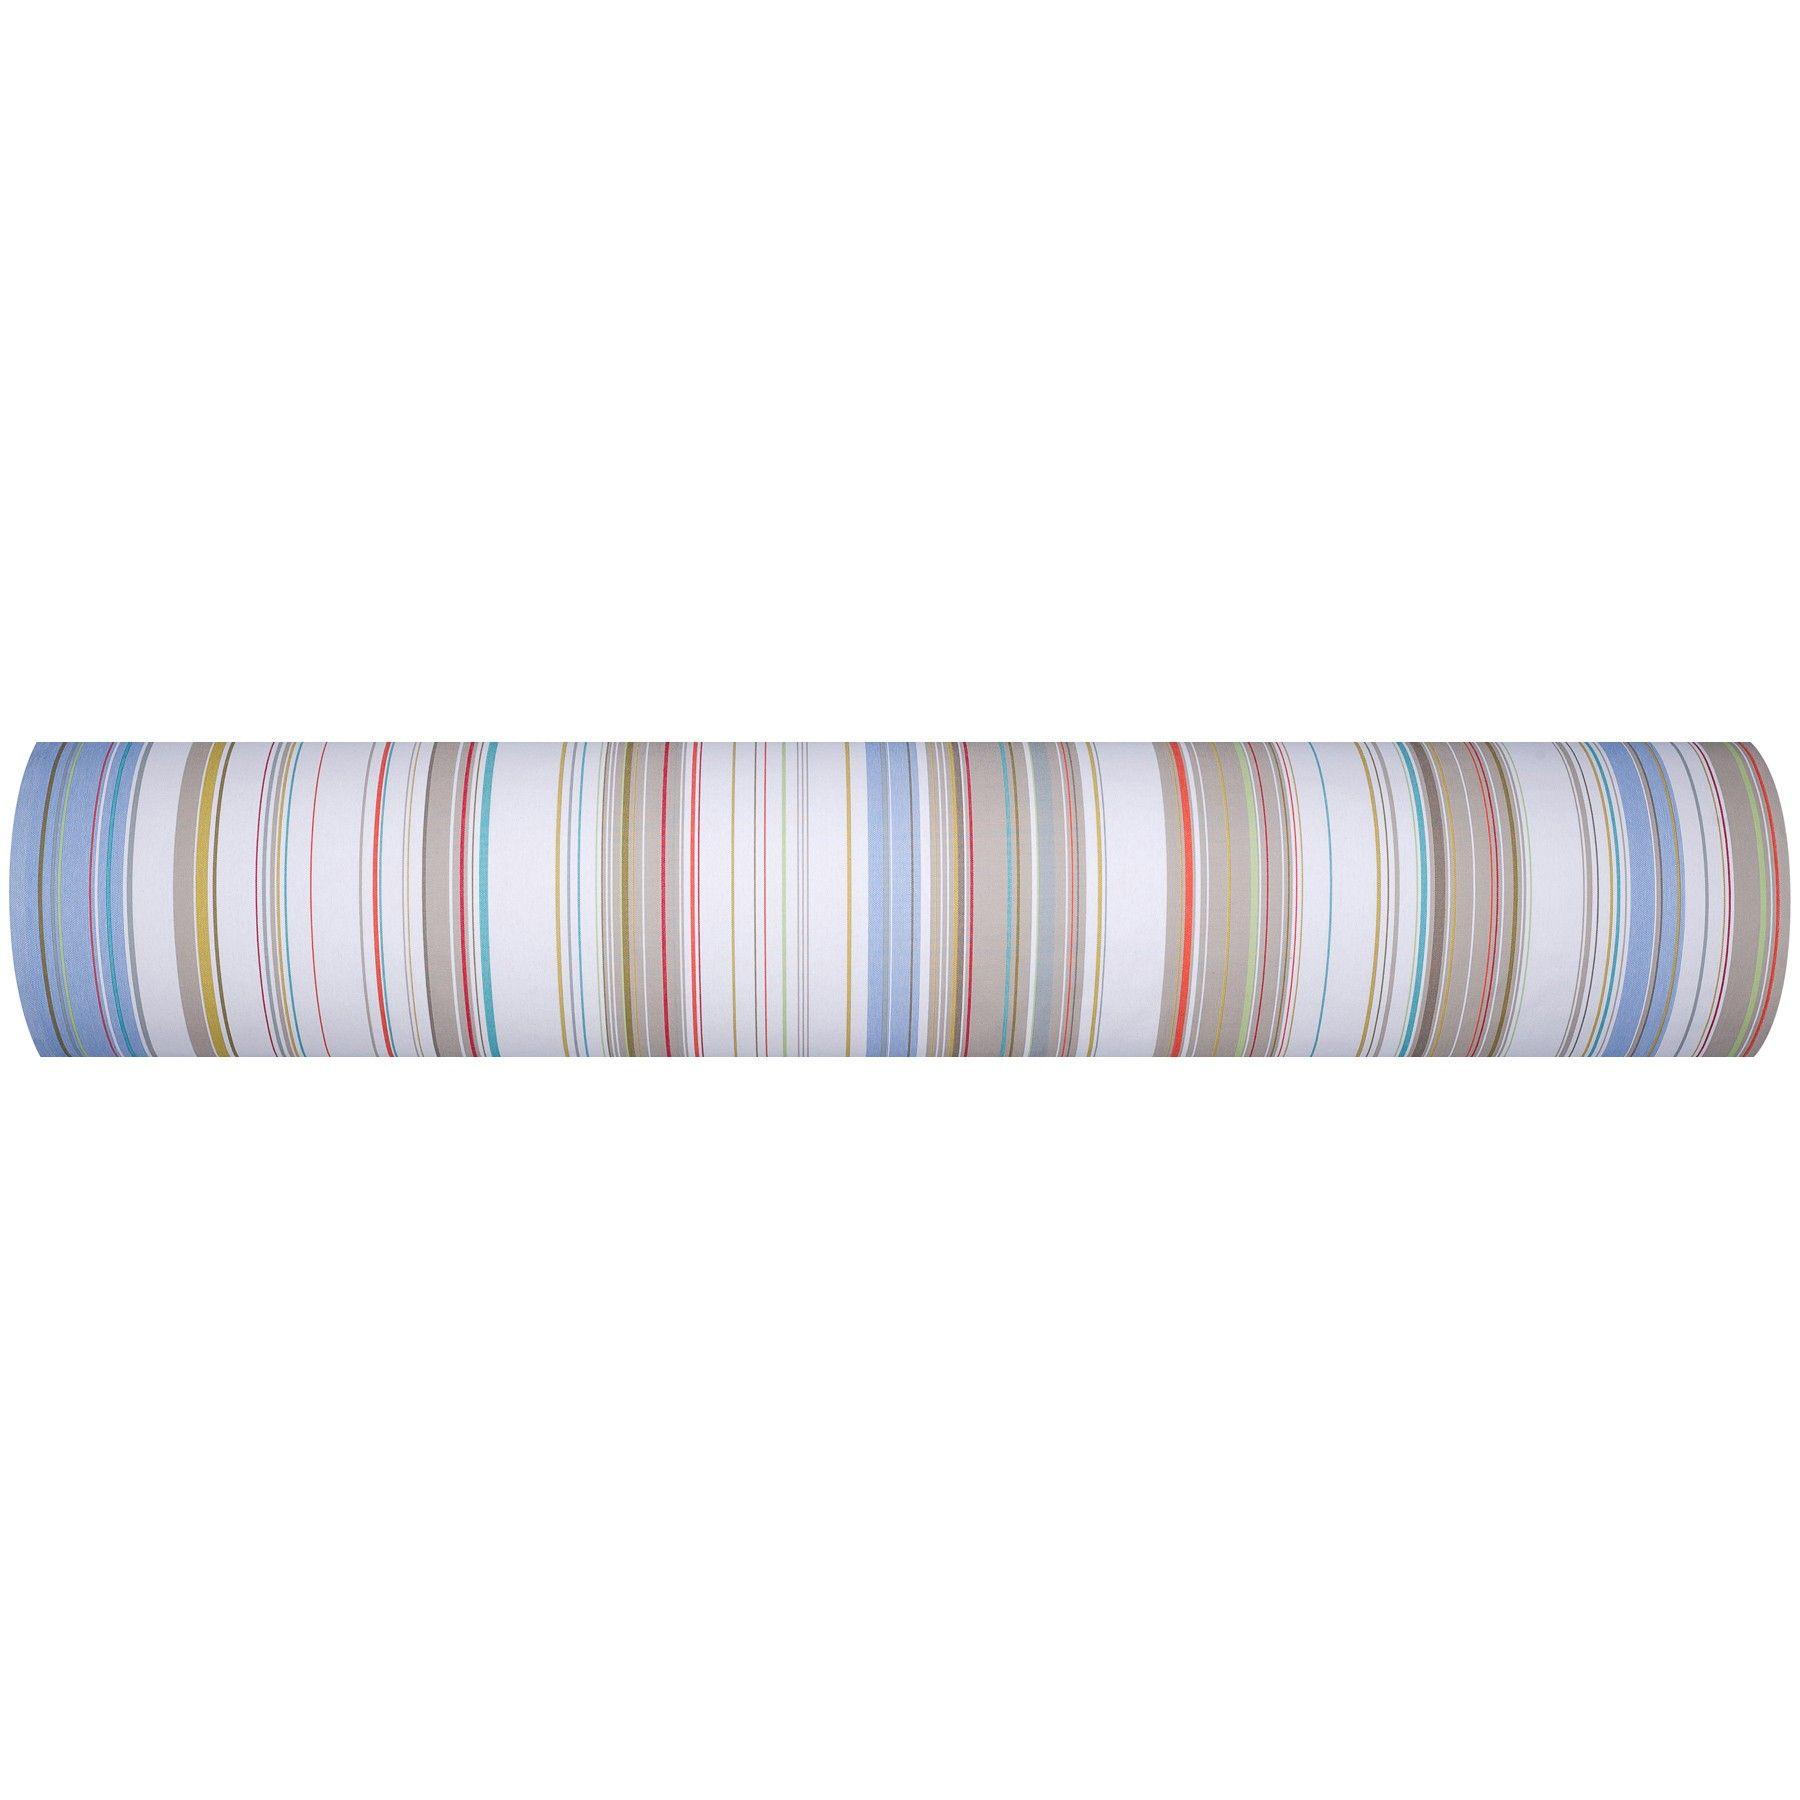 2be9d3572e6ea1fc5a9959589a56f090 Frais De toile Parasol Concept